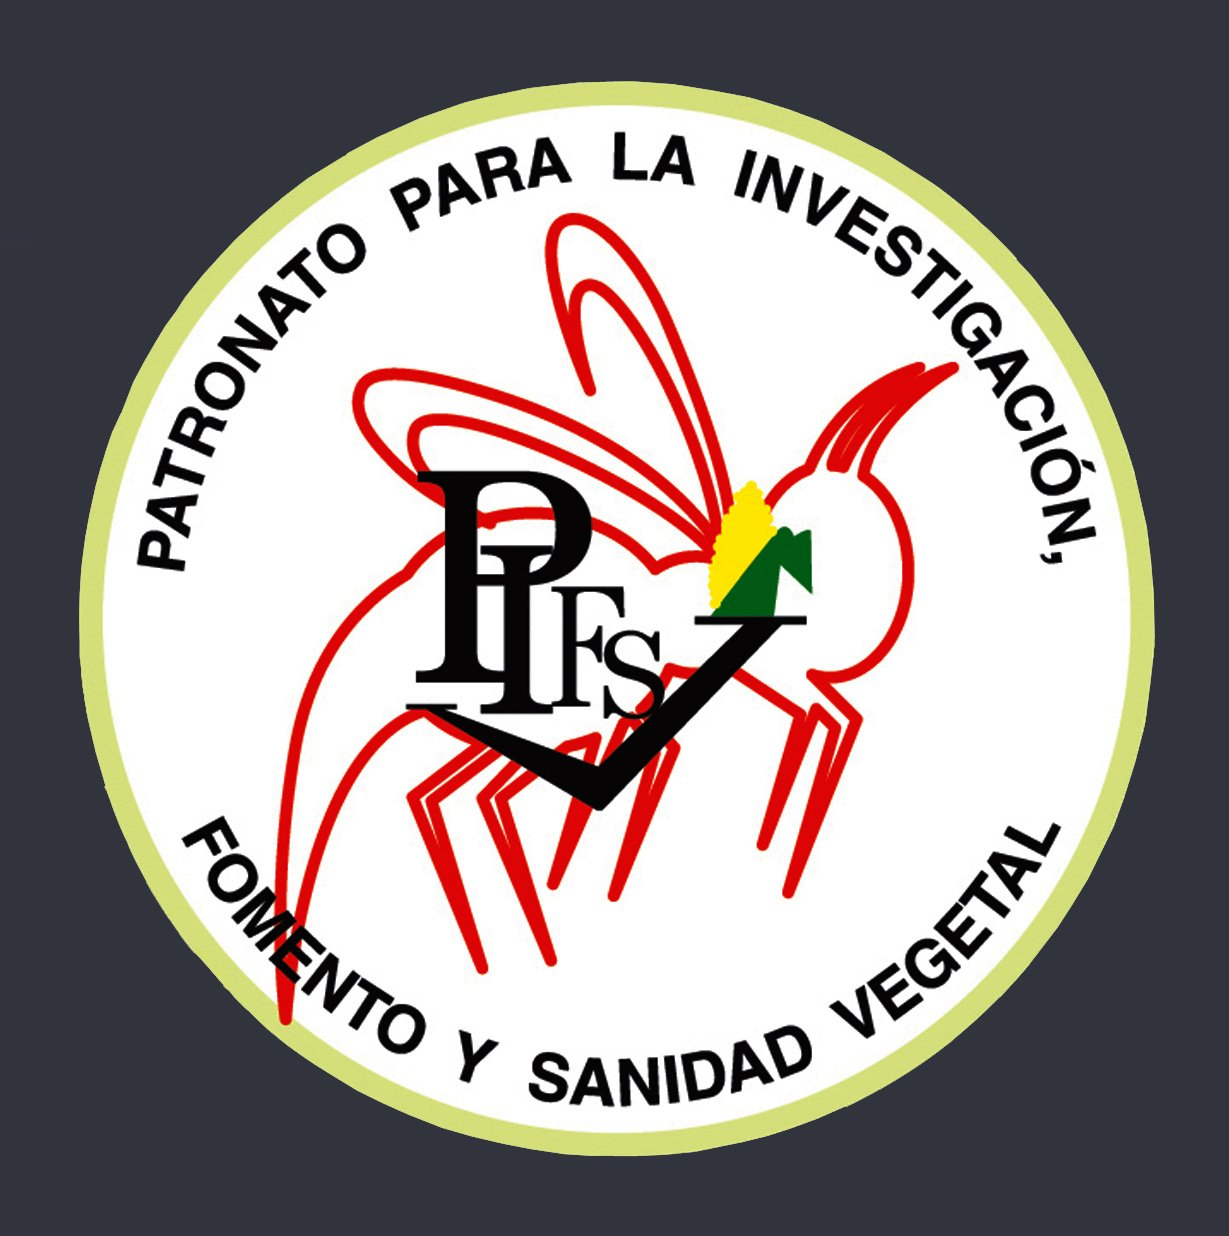 PATRONATO PARA LA INVESTIGACION FOMENTO Y SANIDAD